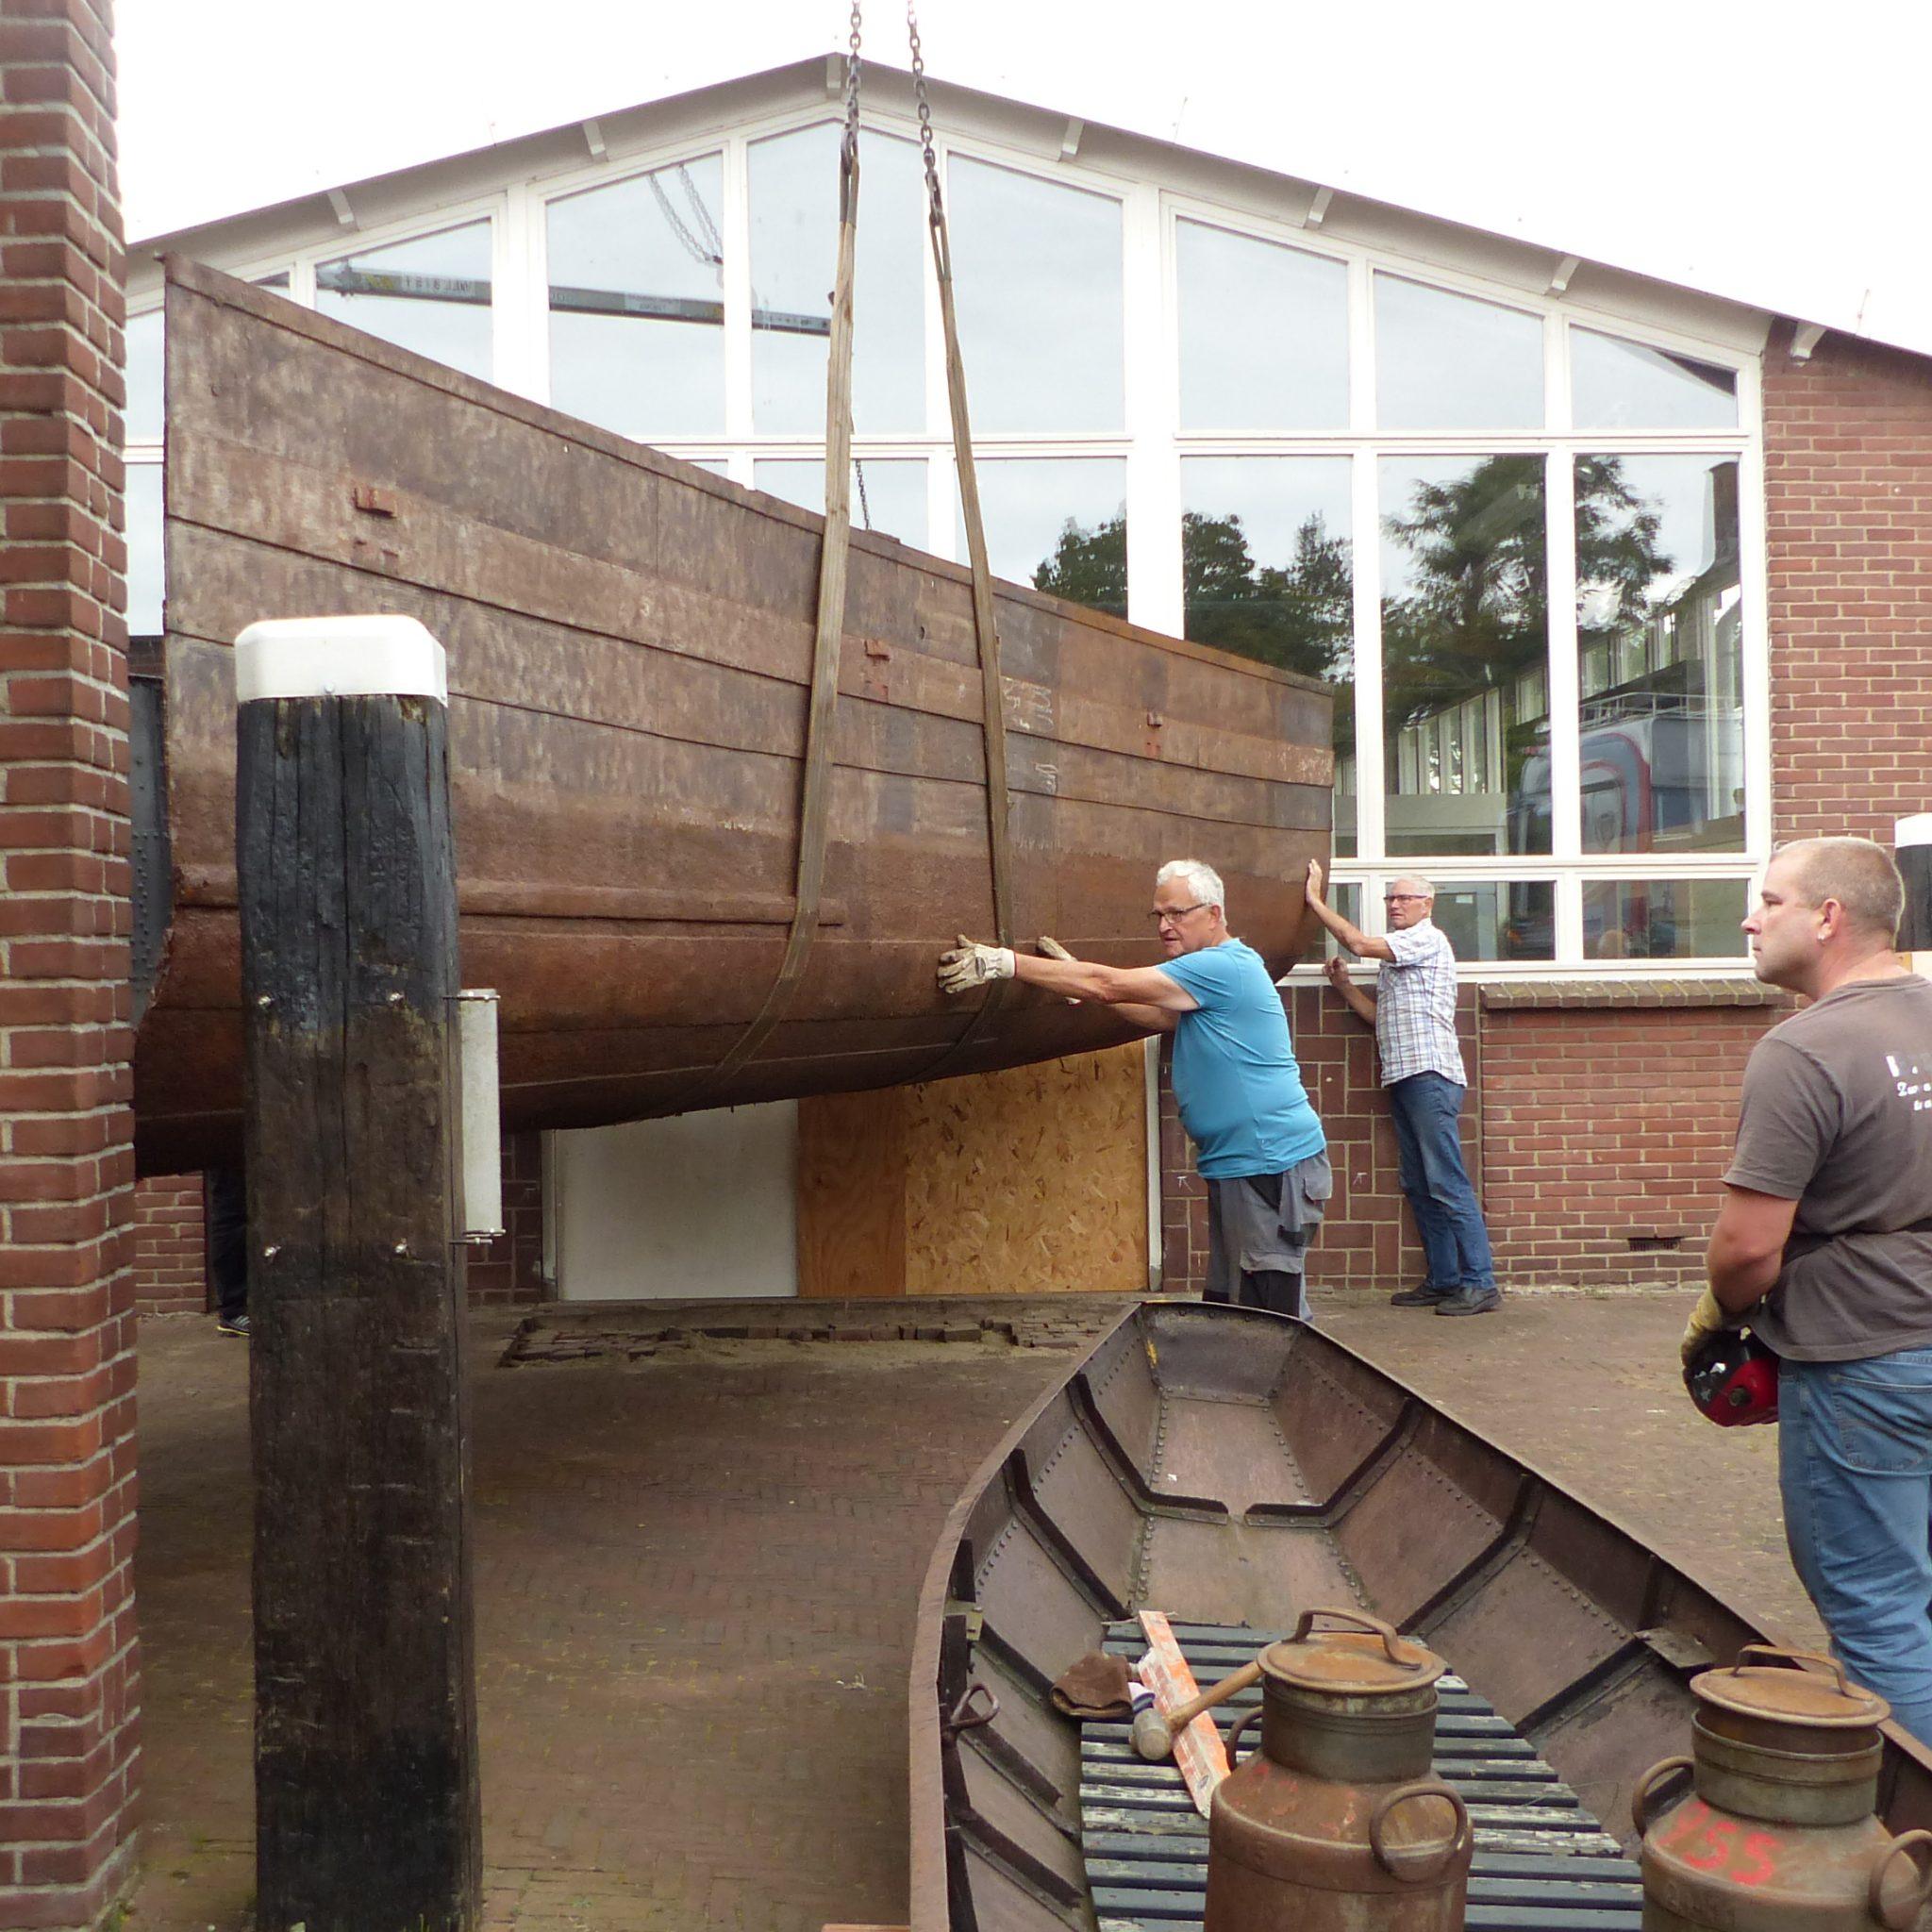 De bijzondere doorgang bij de museumwerf. (Foto Museumwerf Vreeswijk)